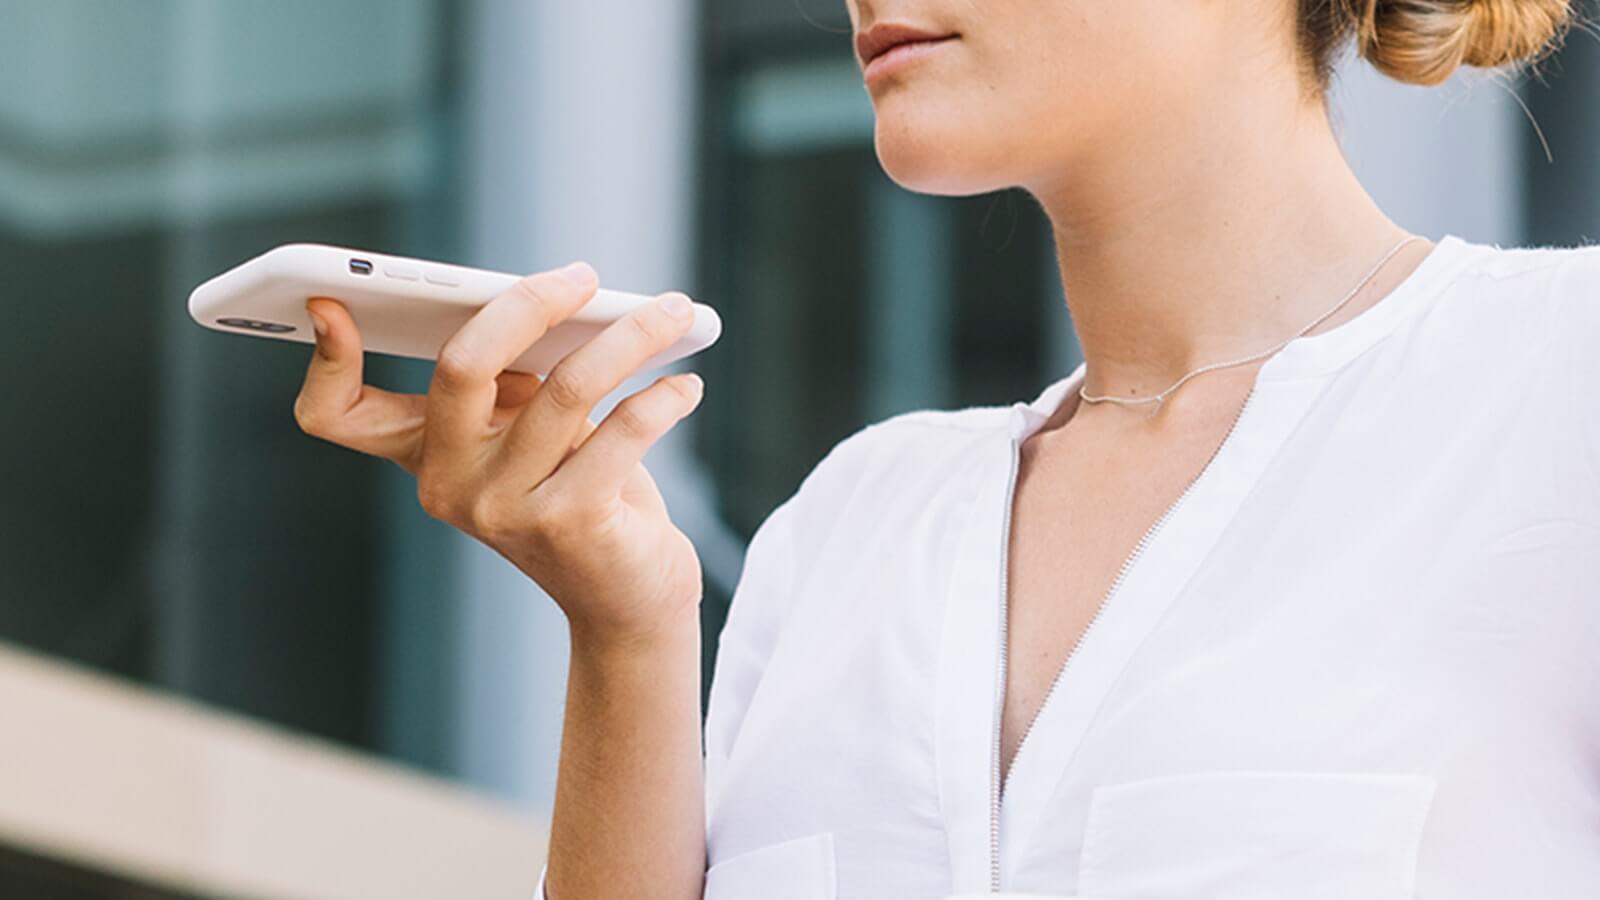 iPhone「Siri」の使い方|操作方法と便利な質問・面白い質問まとめ